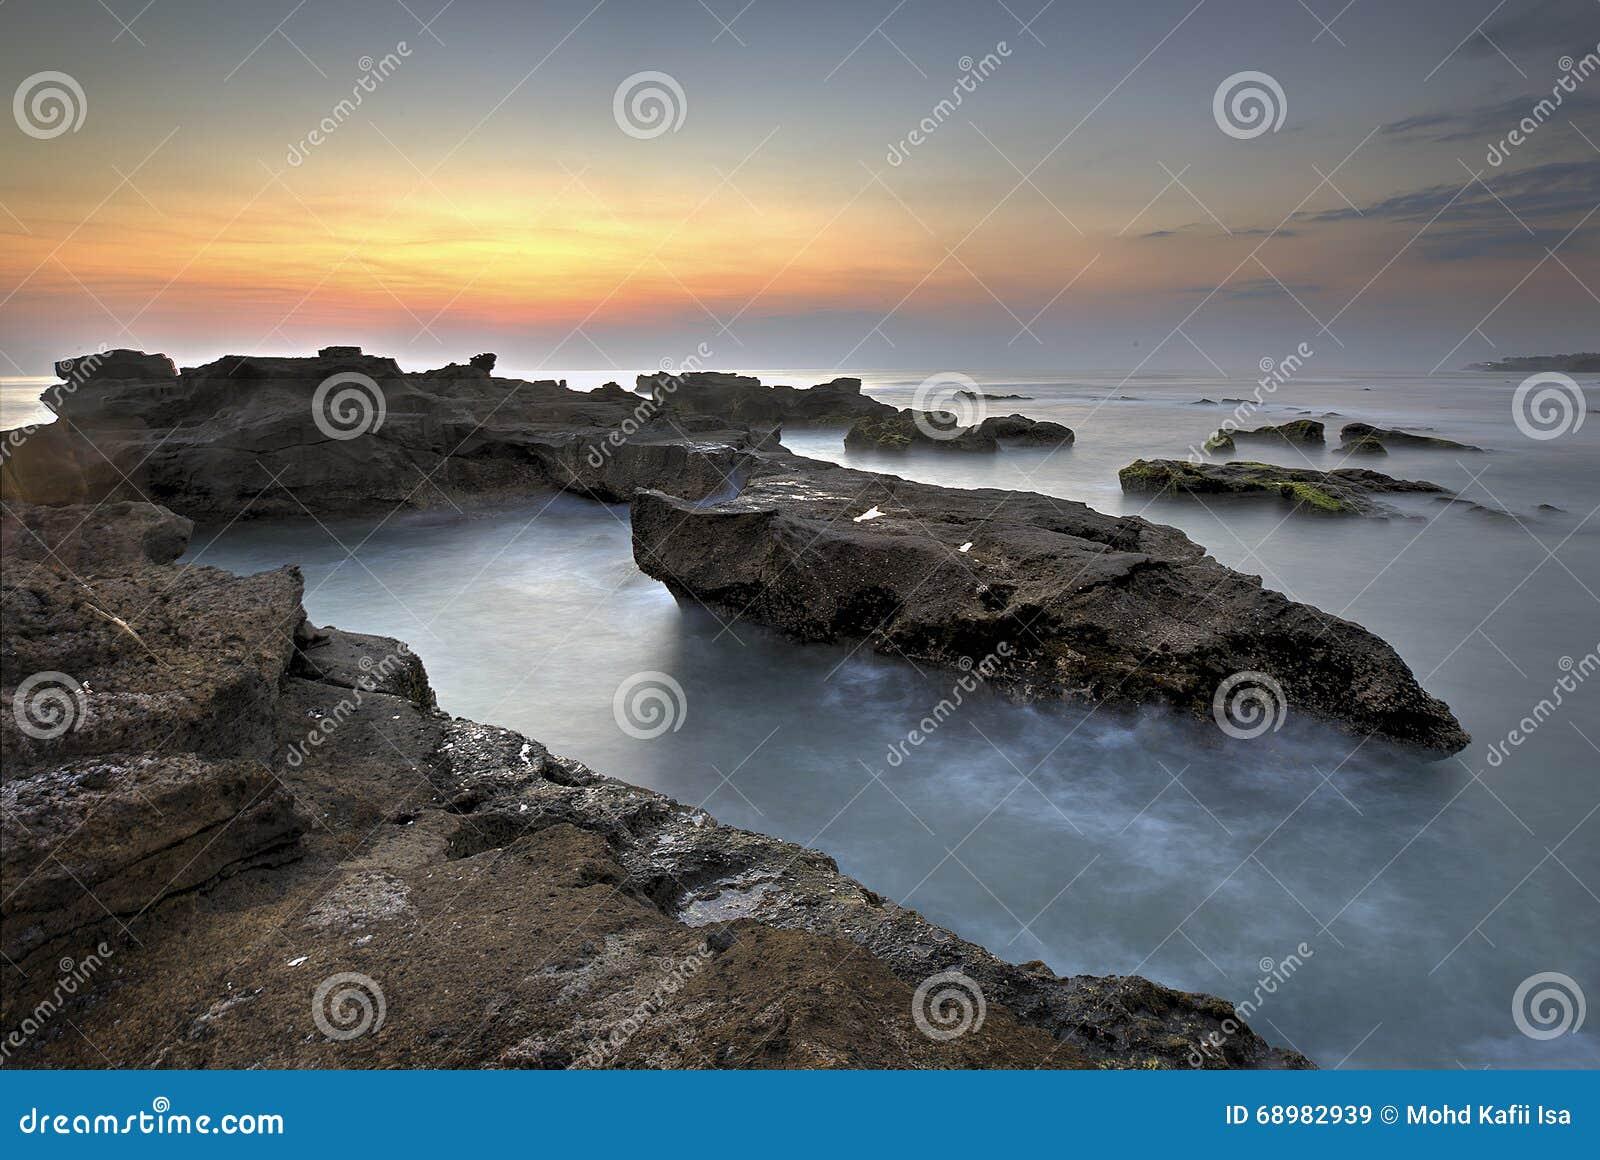 Vista escénica de la playa en Bali